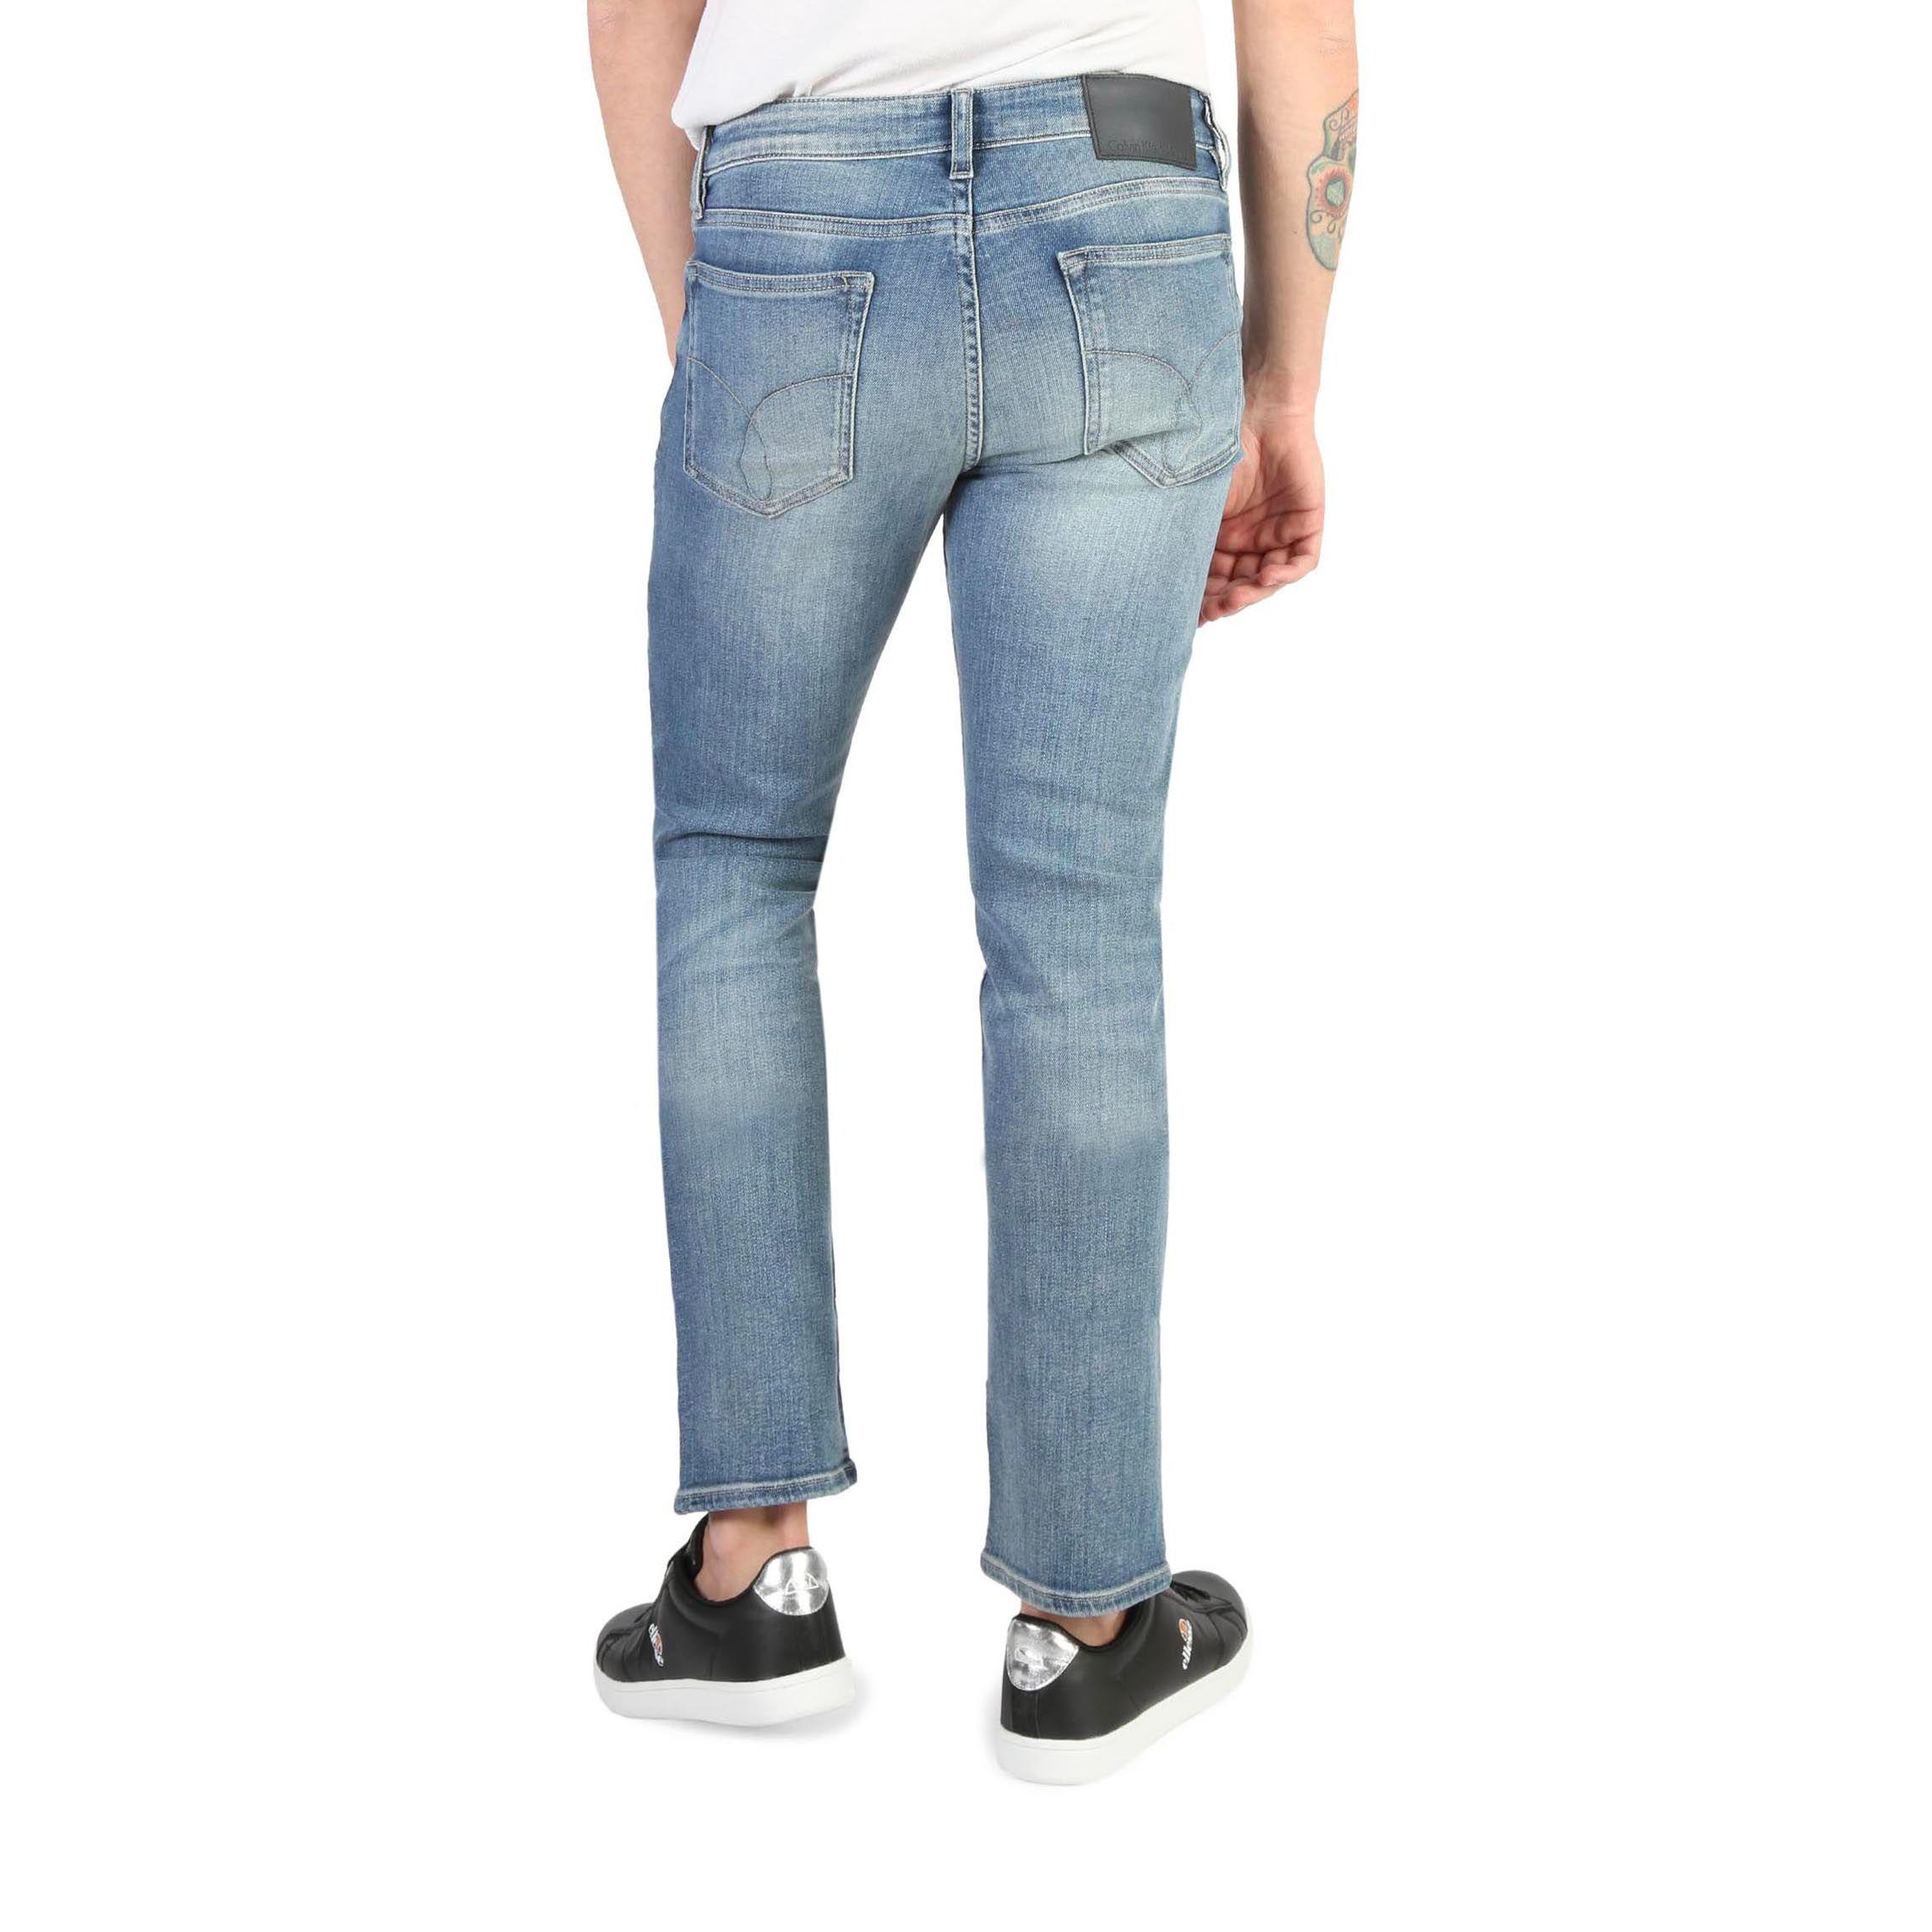 Calvin Klein – J30J304716 L32 Jeans